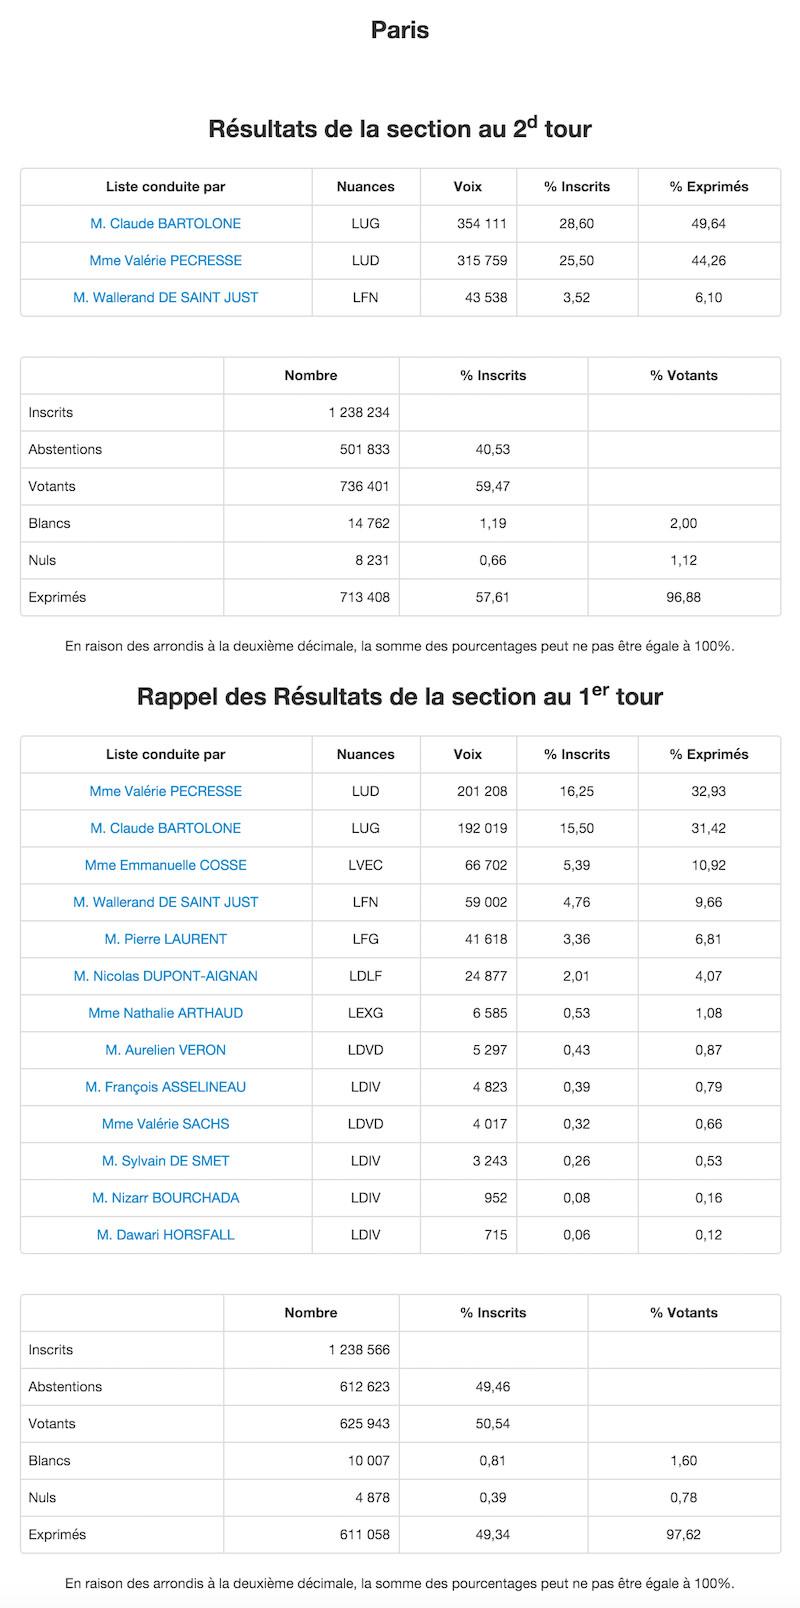 Régionales 2015 et 2010 dans le 9e arrondissement de Paris